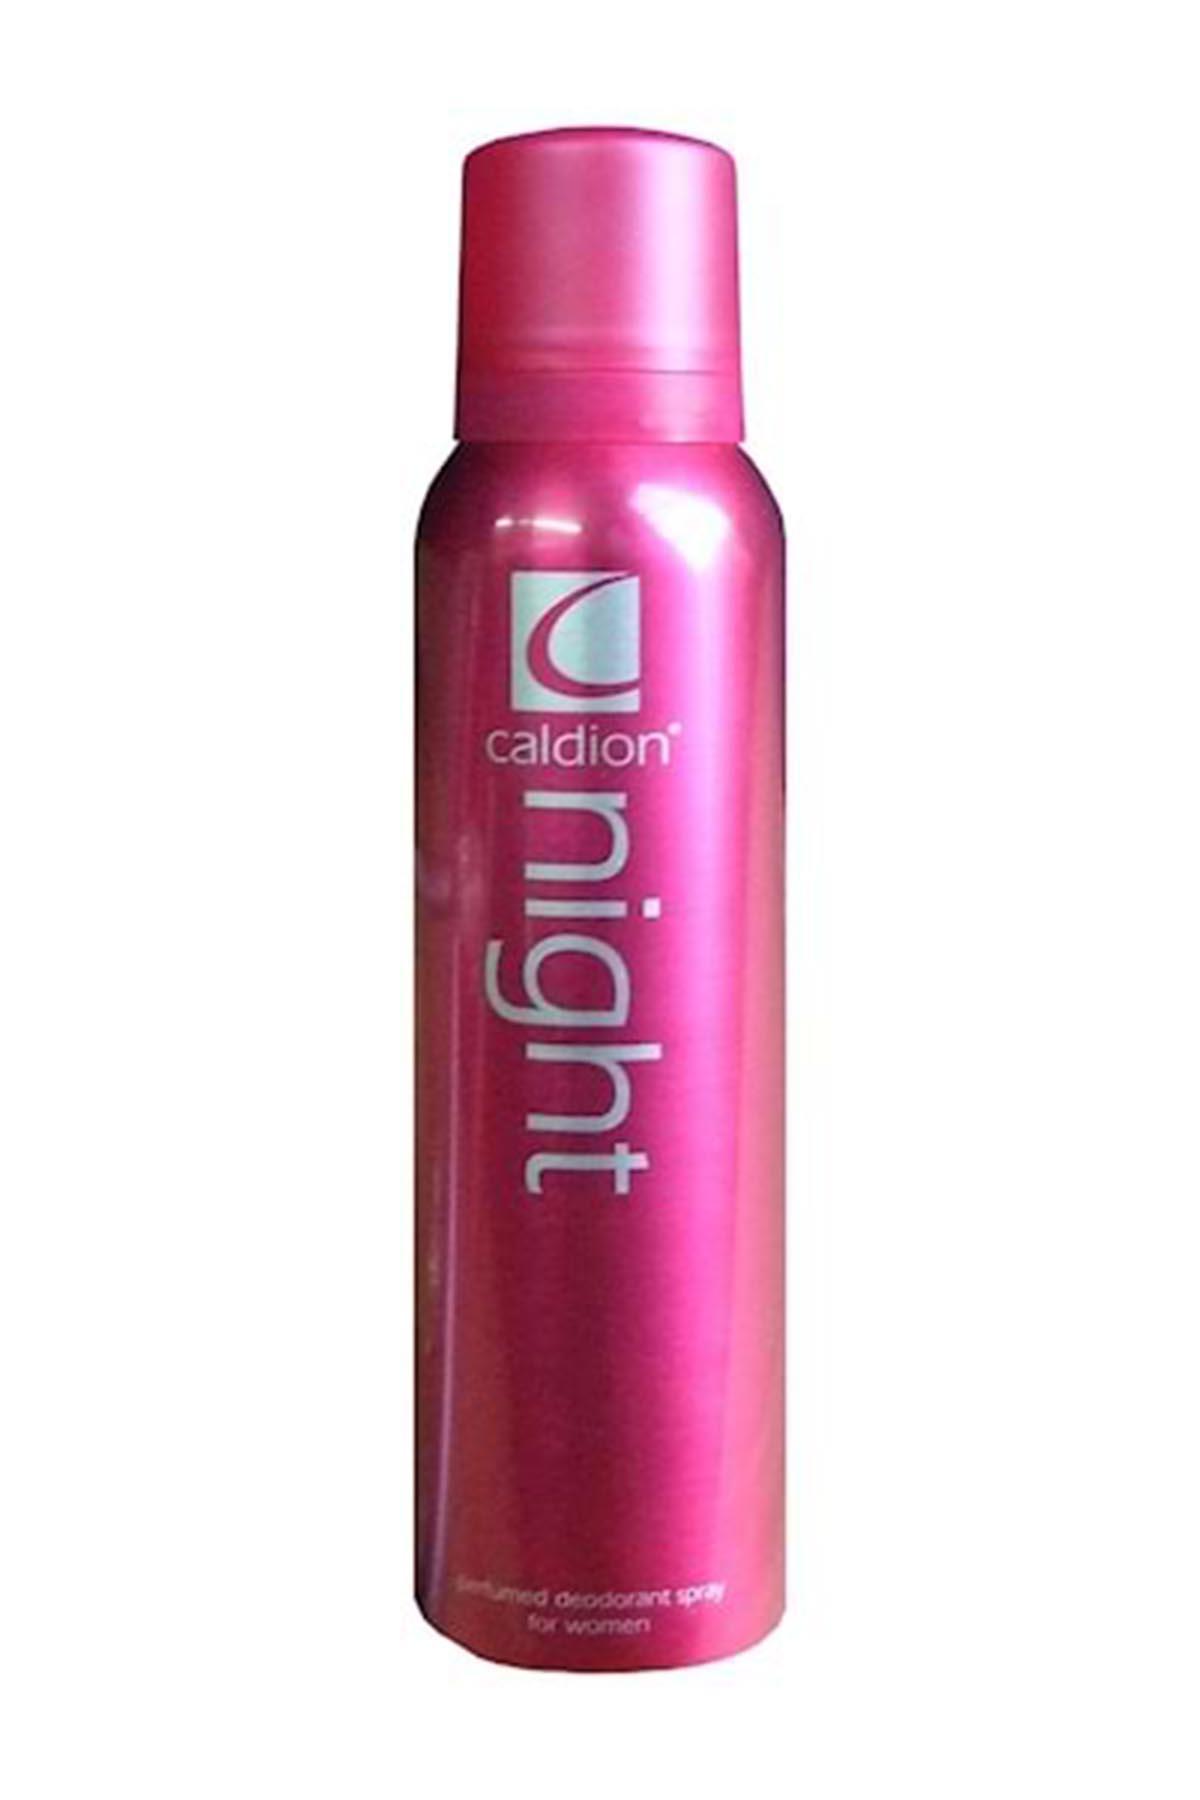 Caldion Night Kadın Deodorant 150 ml